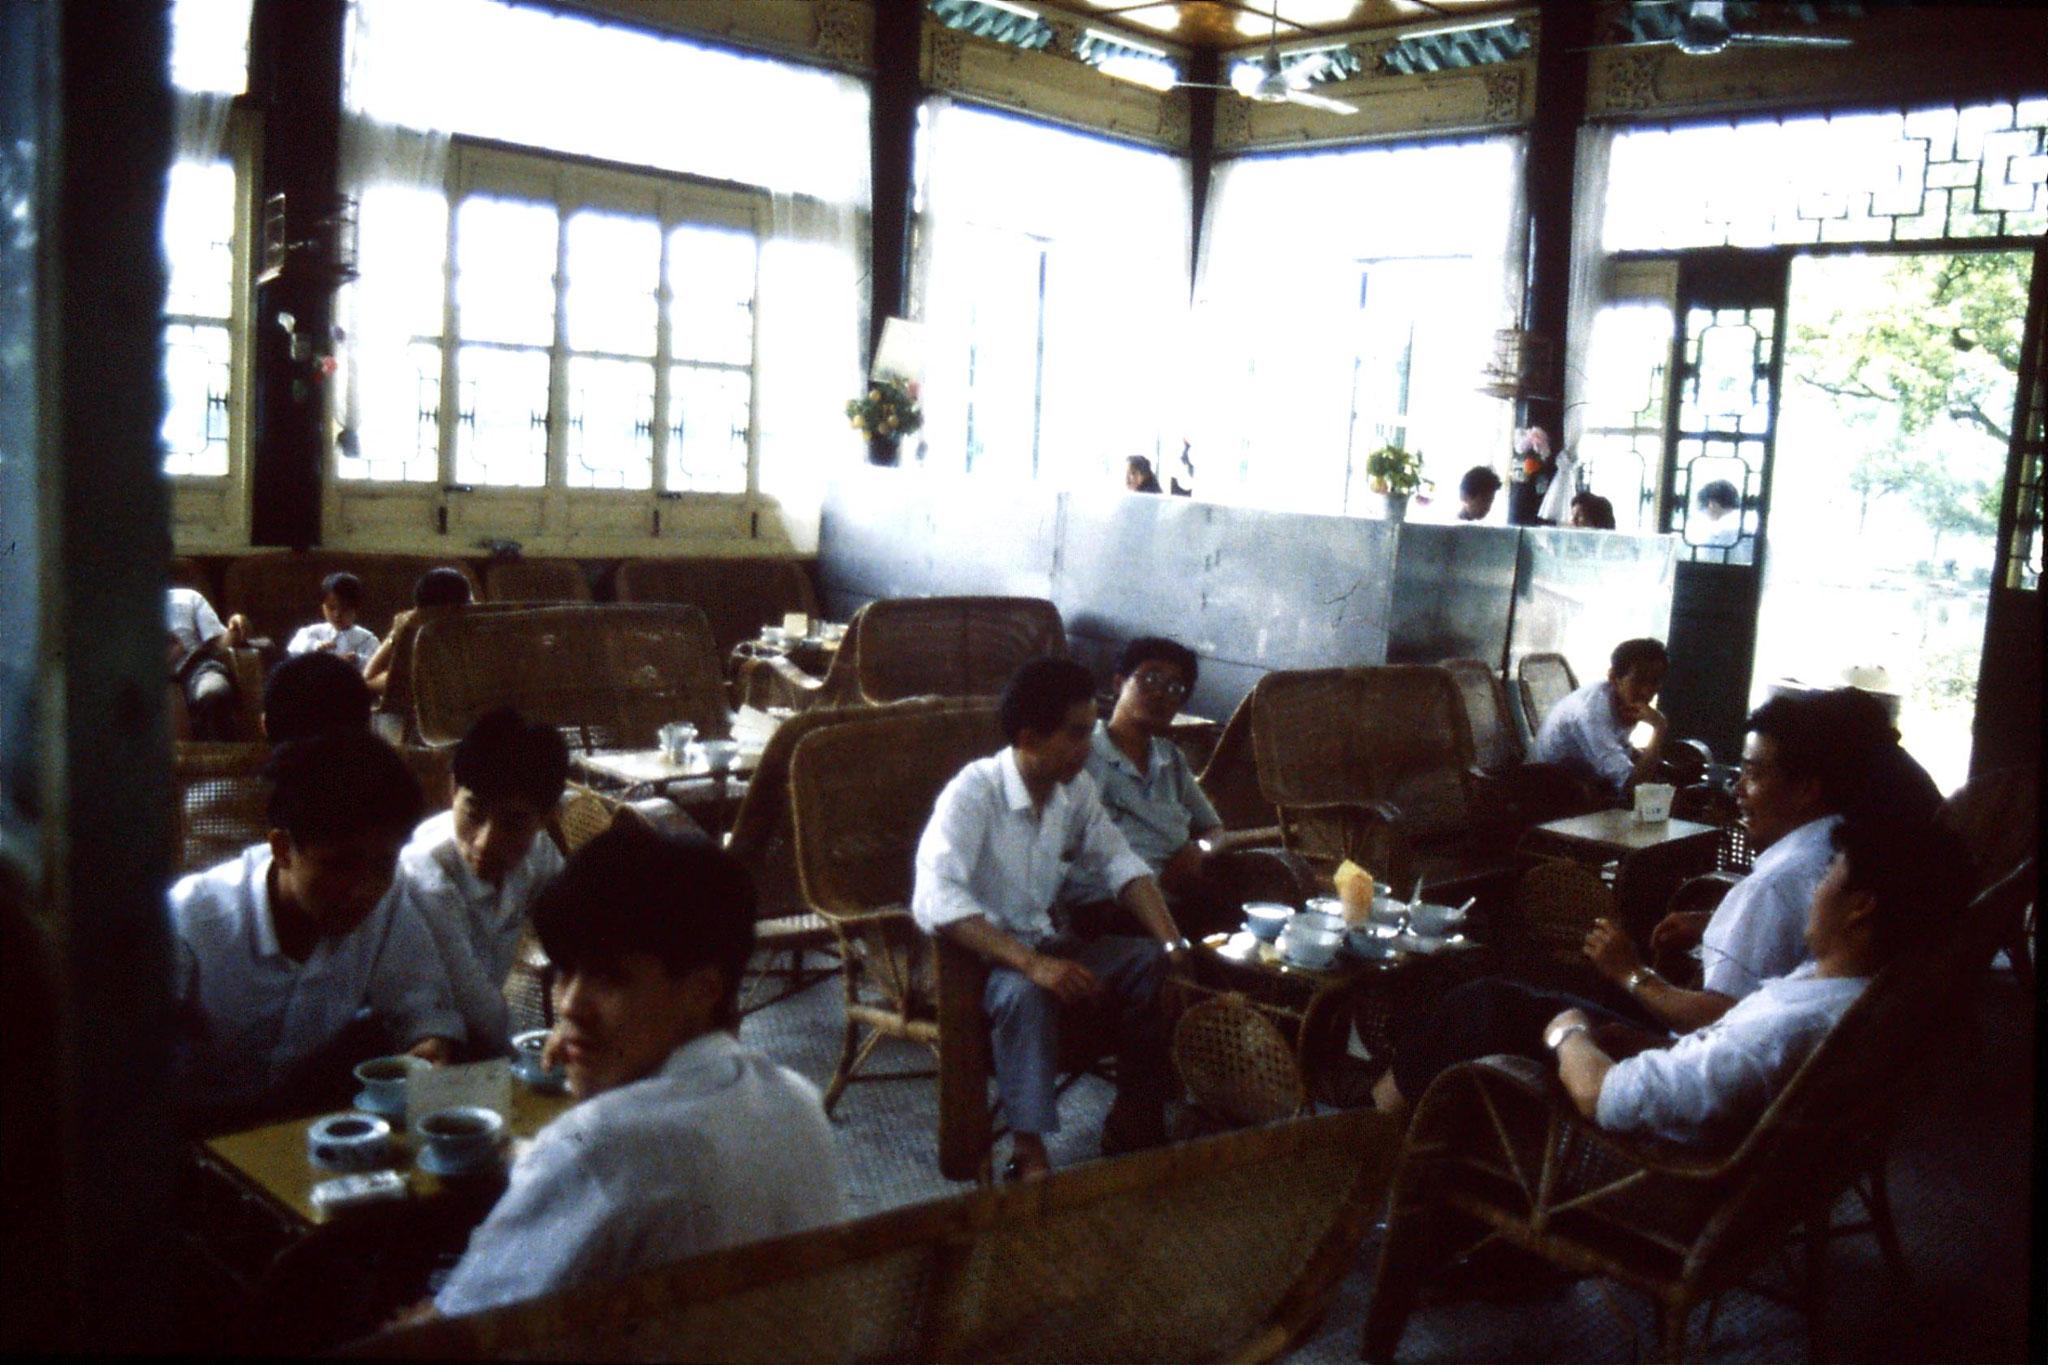 19/6/1989: 11: tea room on Xiao Ying Zhou Isle